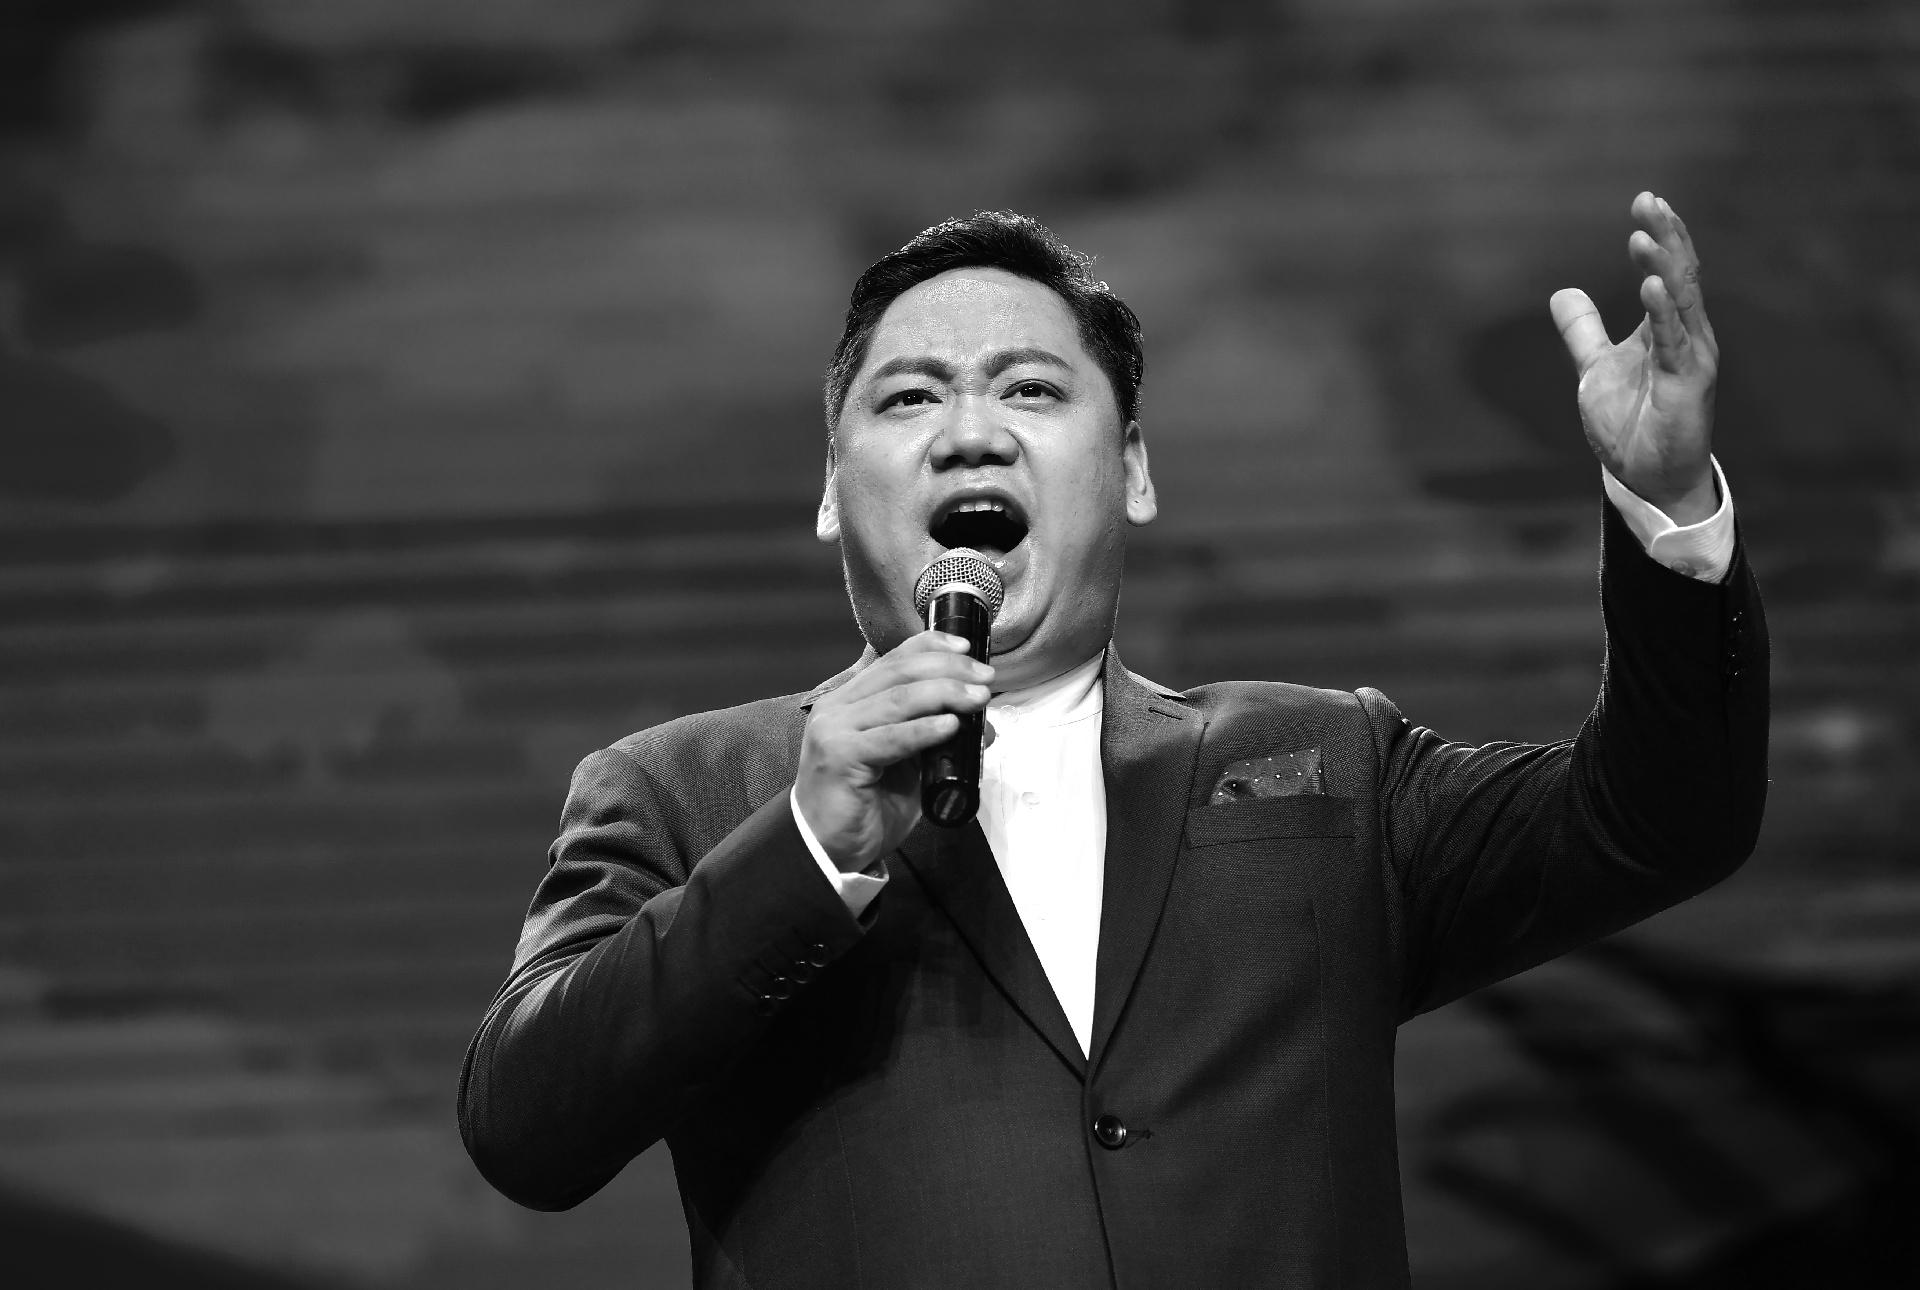 阿番作品:男高音歌唱家